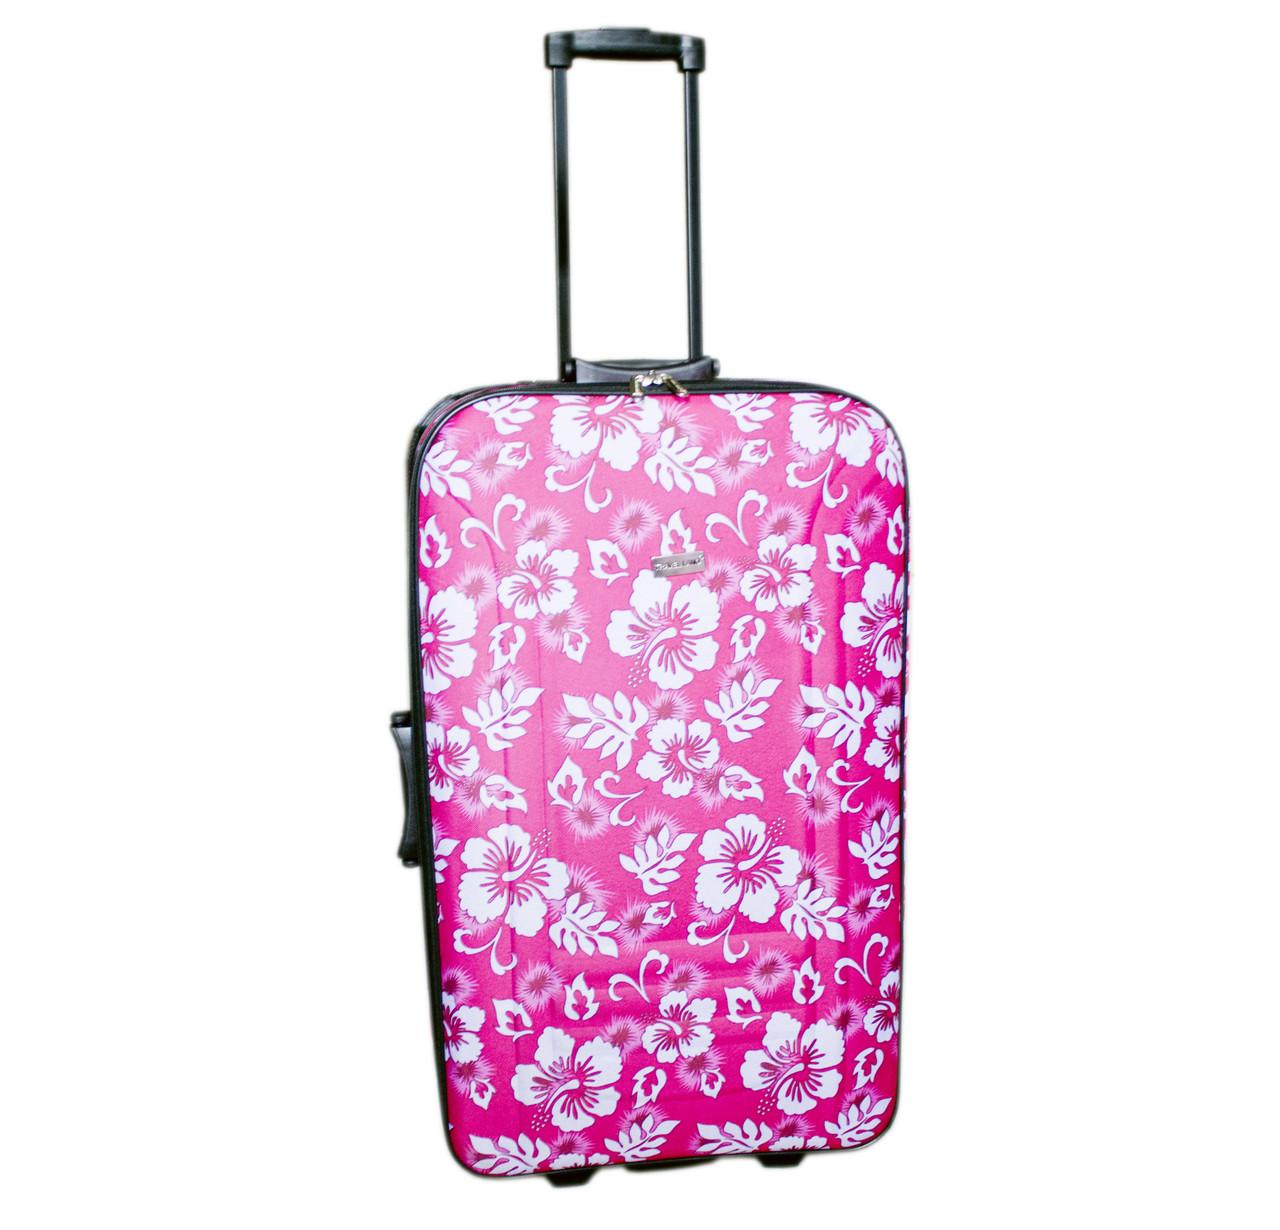 Дорожній чемодан 2 колеса (великий) рожевий з квітами, артикул: 12126-680